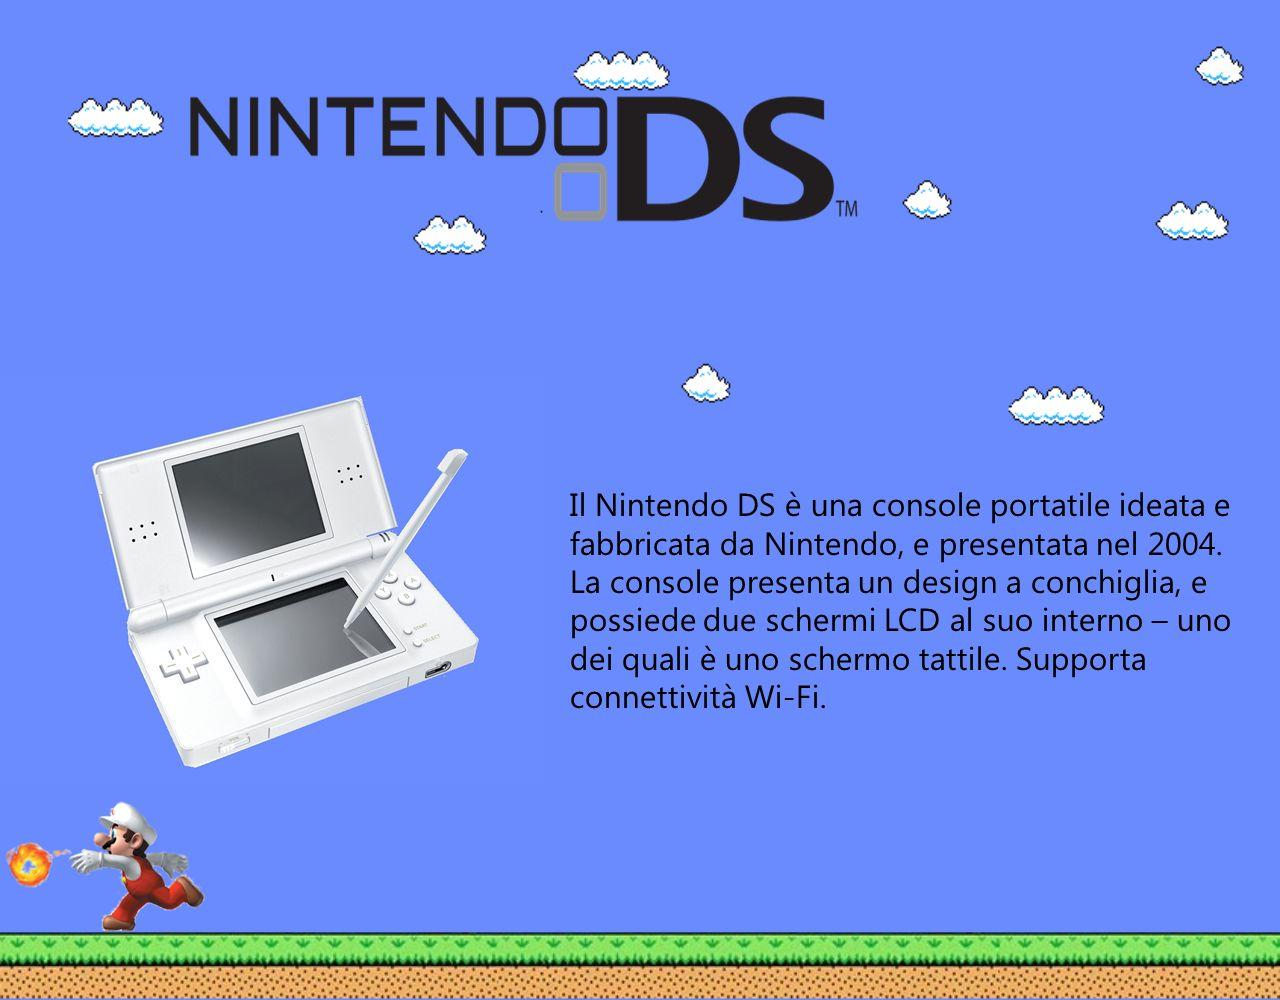 Il Nintendo DS è una console portatile ideata e fabbricata da Nintendo, e presentata nel 2004.